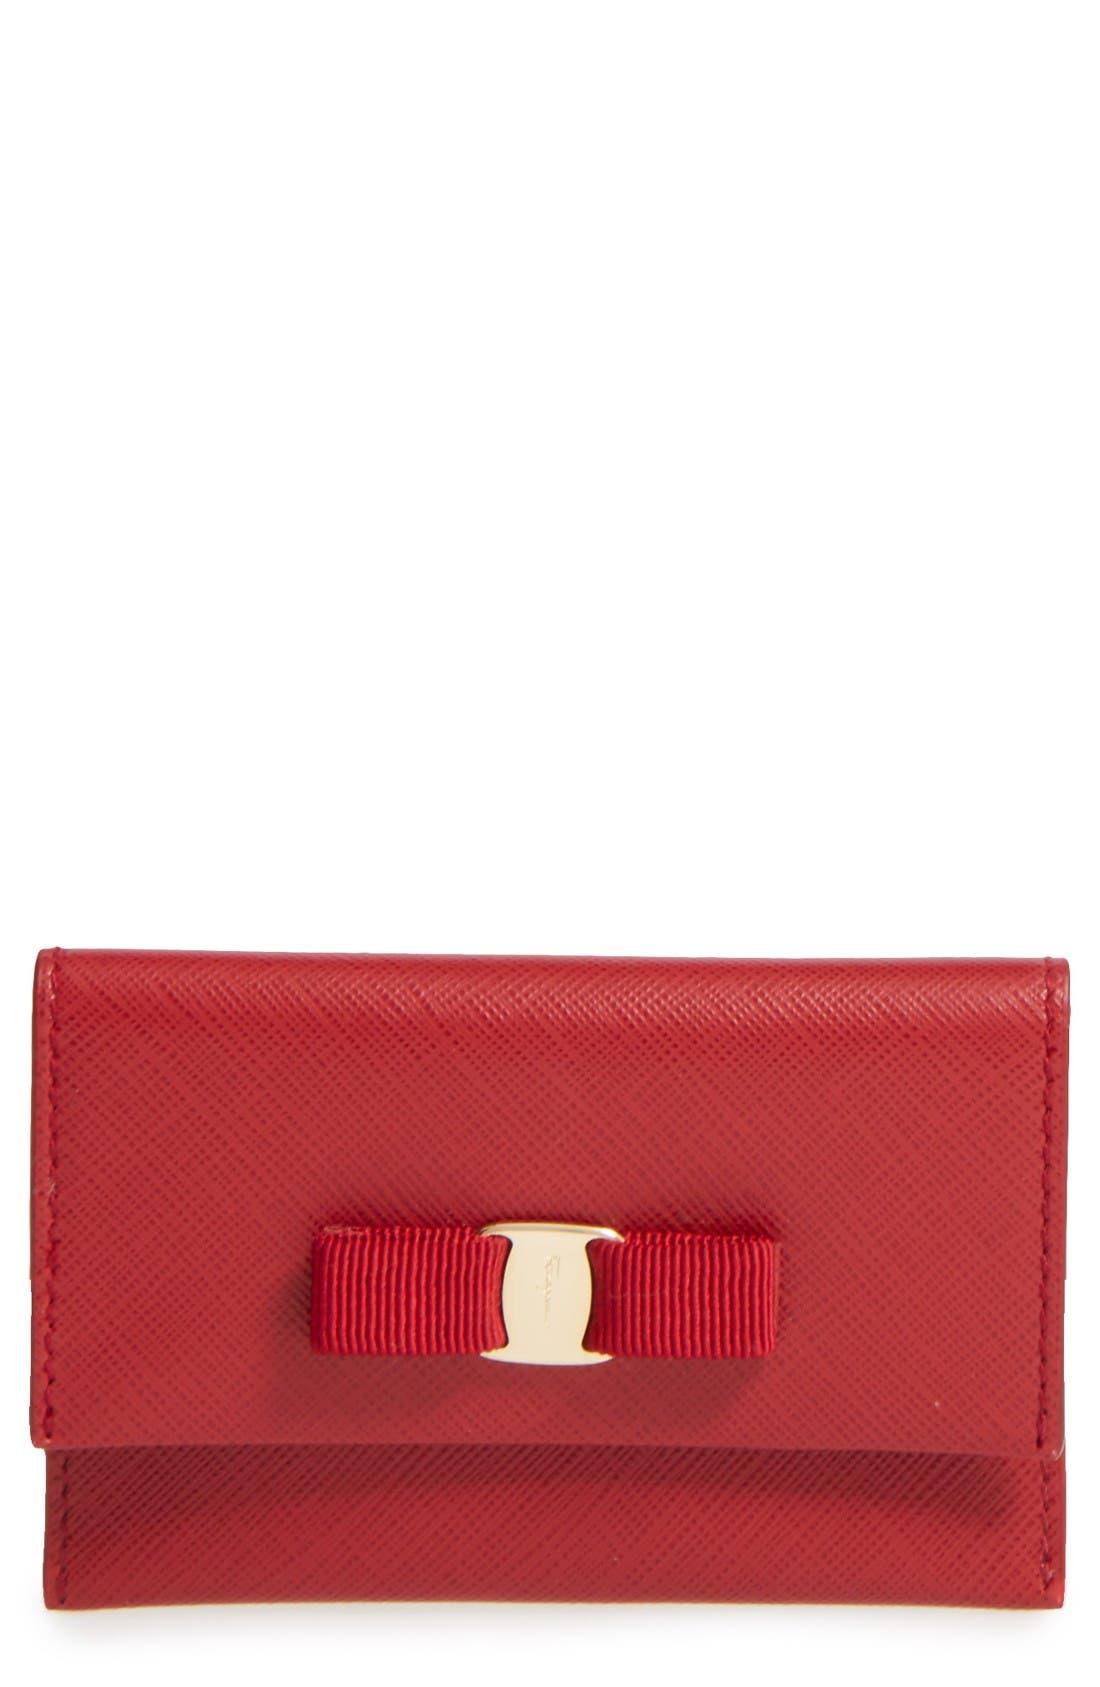 Main Image - Salvatore Ferragamo Vara Leather Card Case